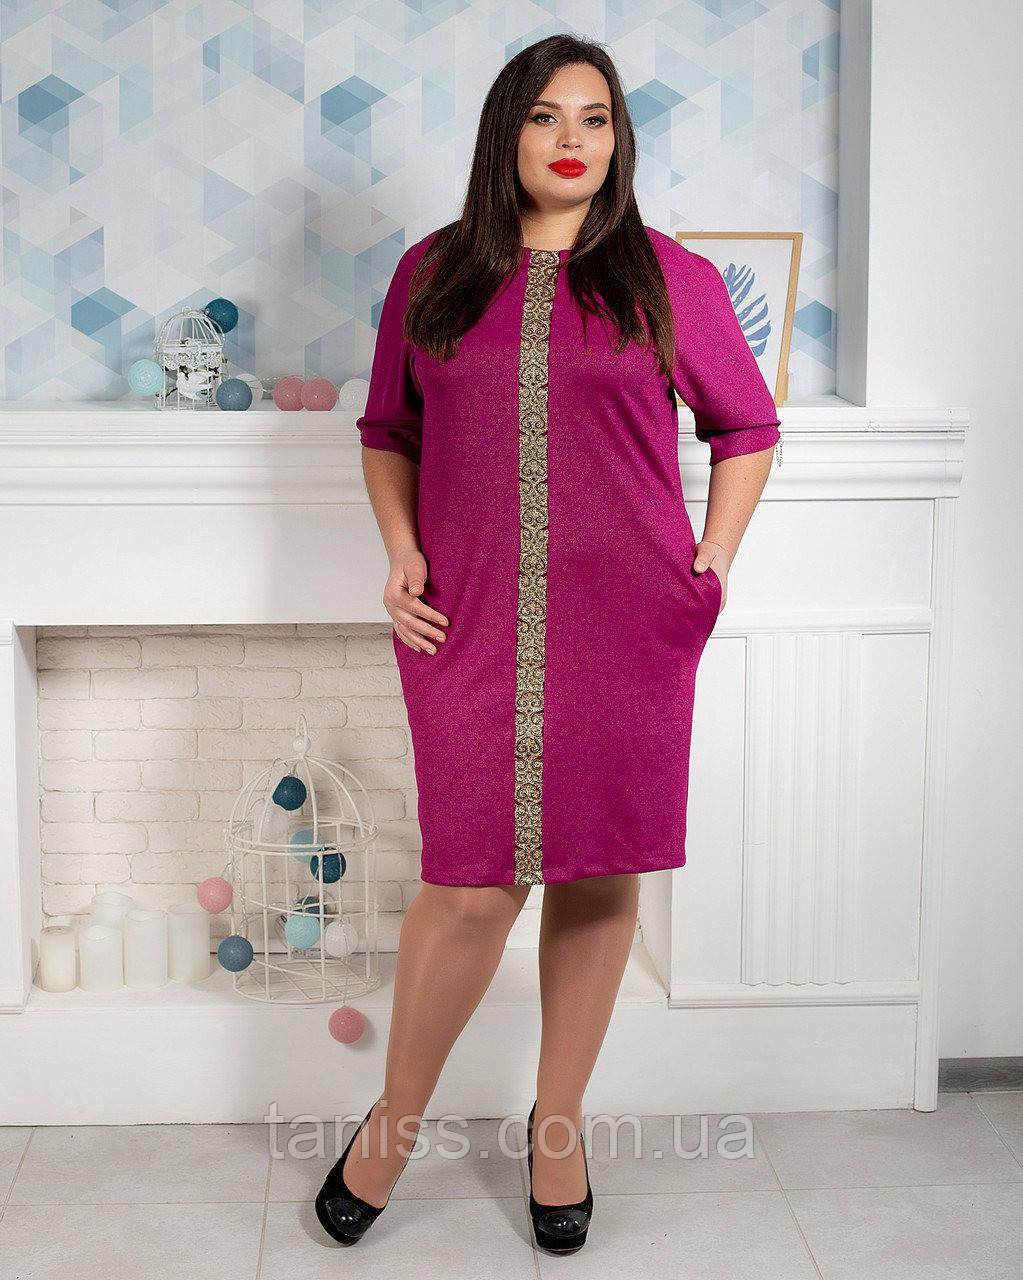 Нарядное деловое платье большого размера из креп-дайвинга,с кружевом р.54,56 фуксия (535)